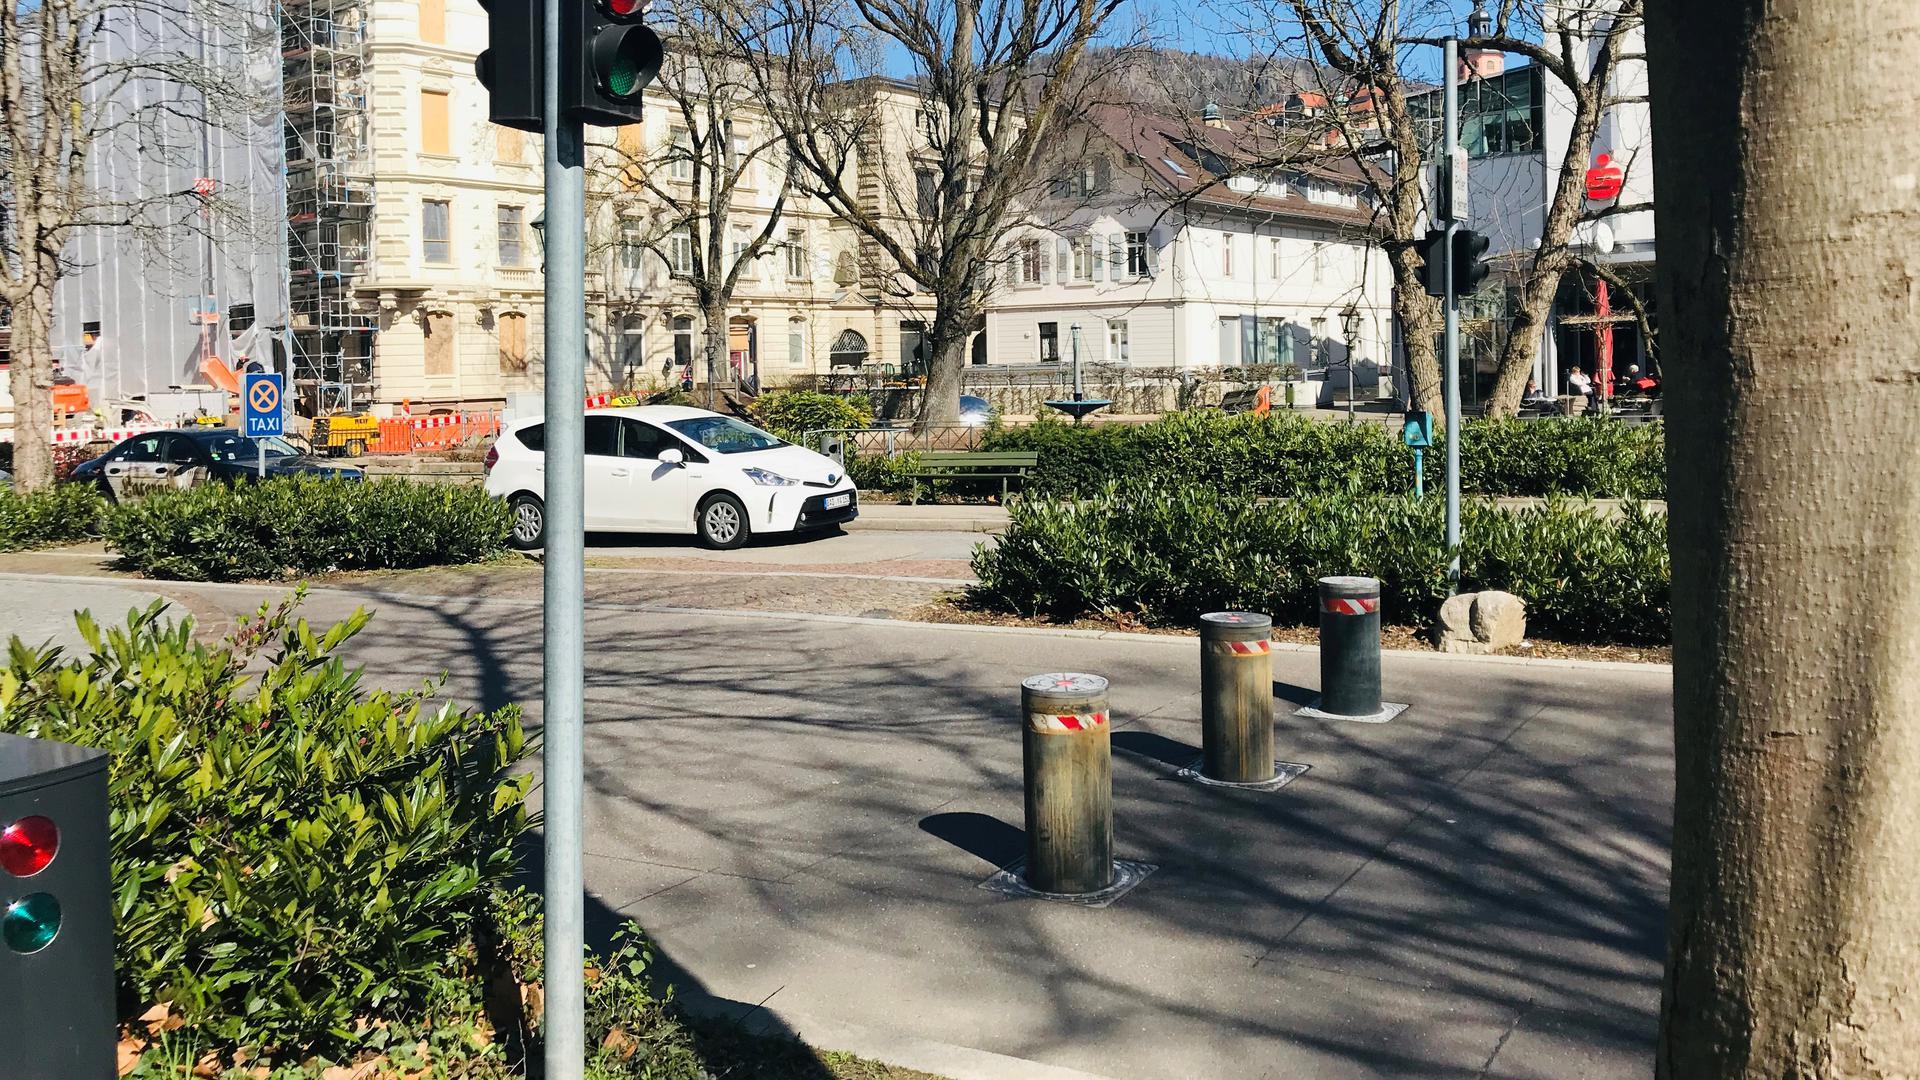 Vor der Kurhausgarage in Baden-Baden regeln diese im Boden versenkbaren Metallpfosten  den Verkehr.